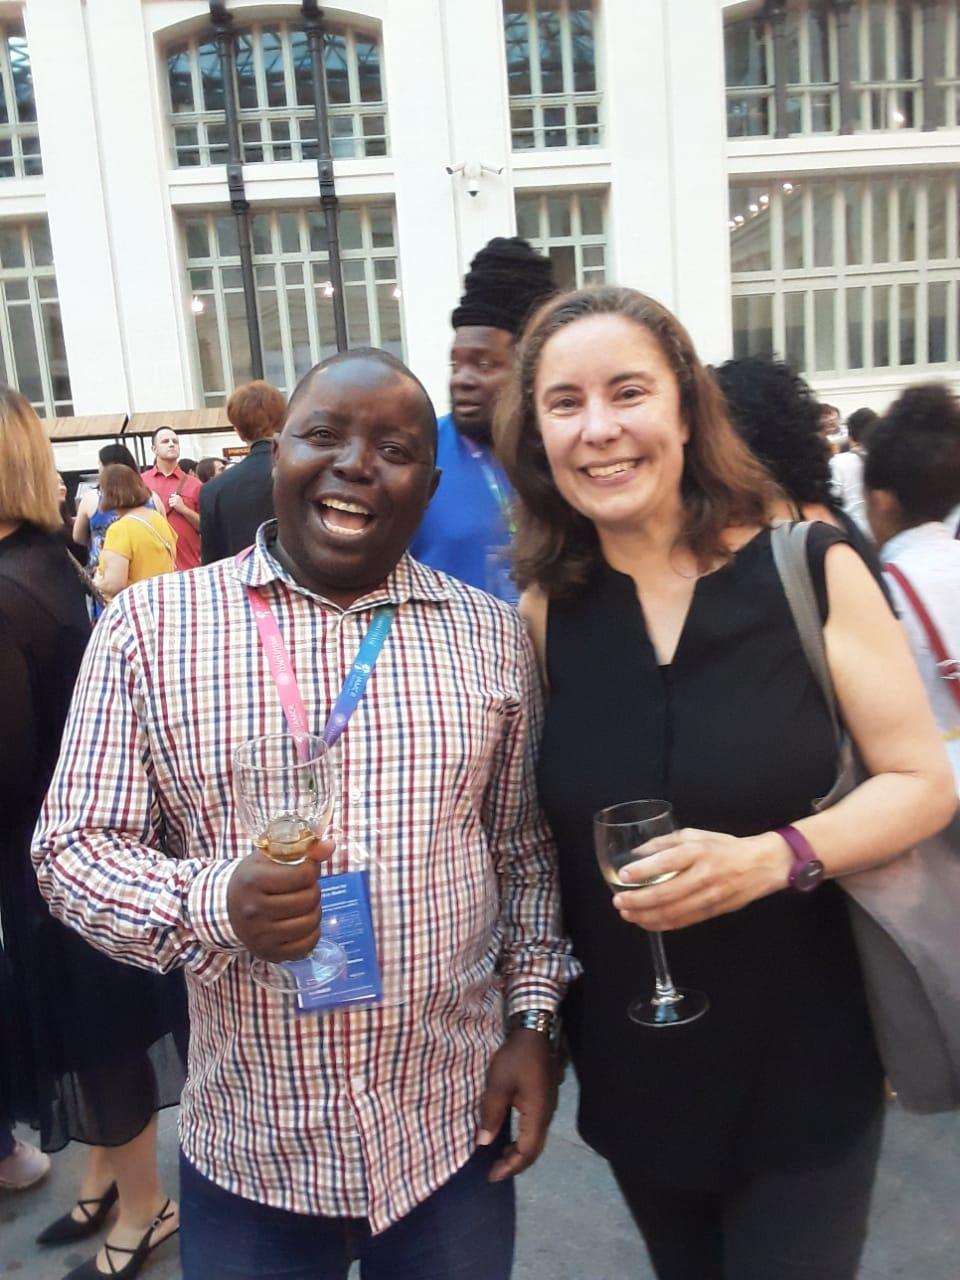 Allen Munoriyarwa at IAMCR 2019 opening event in Madrid